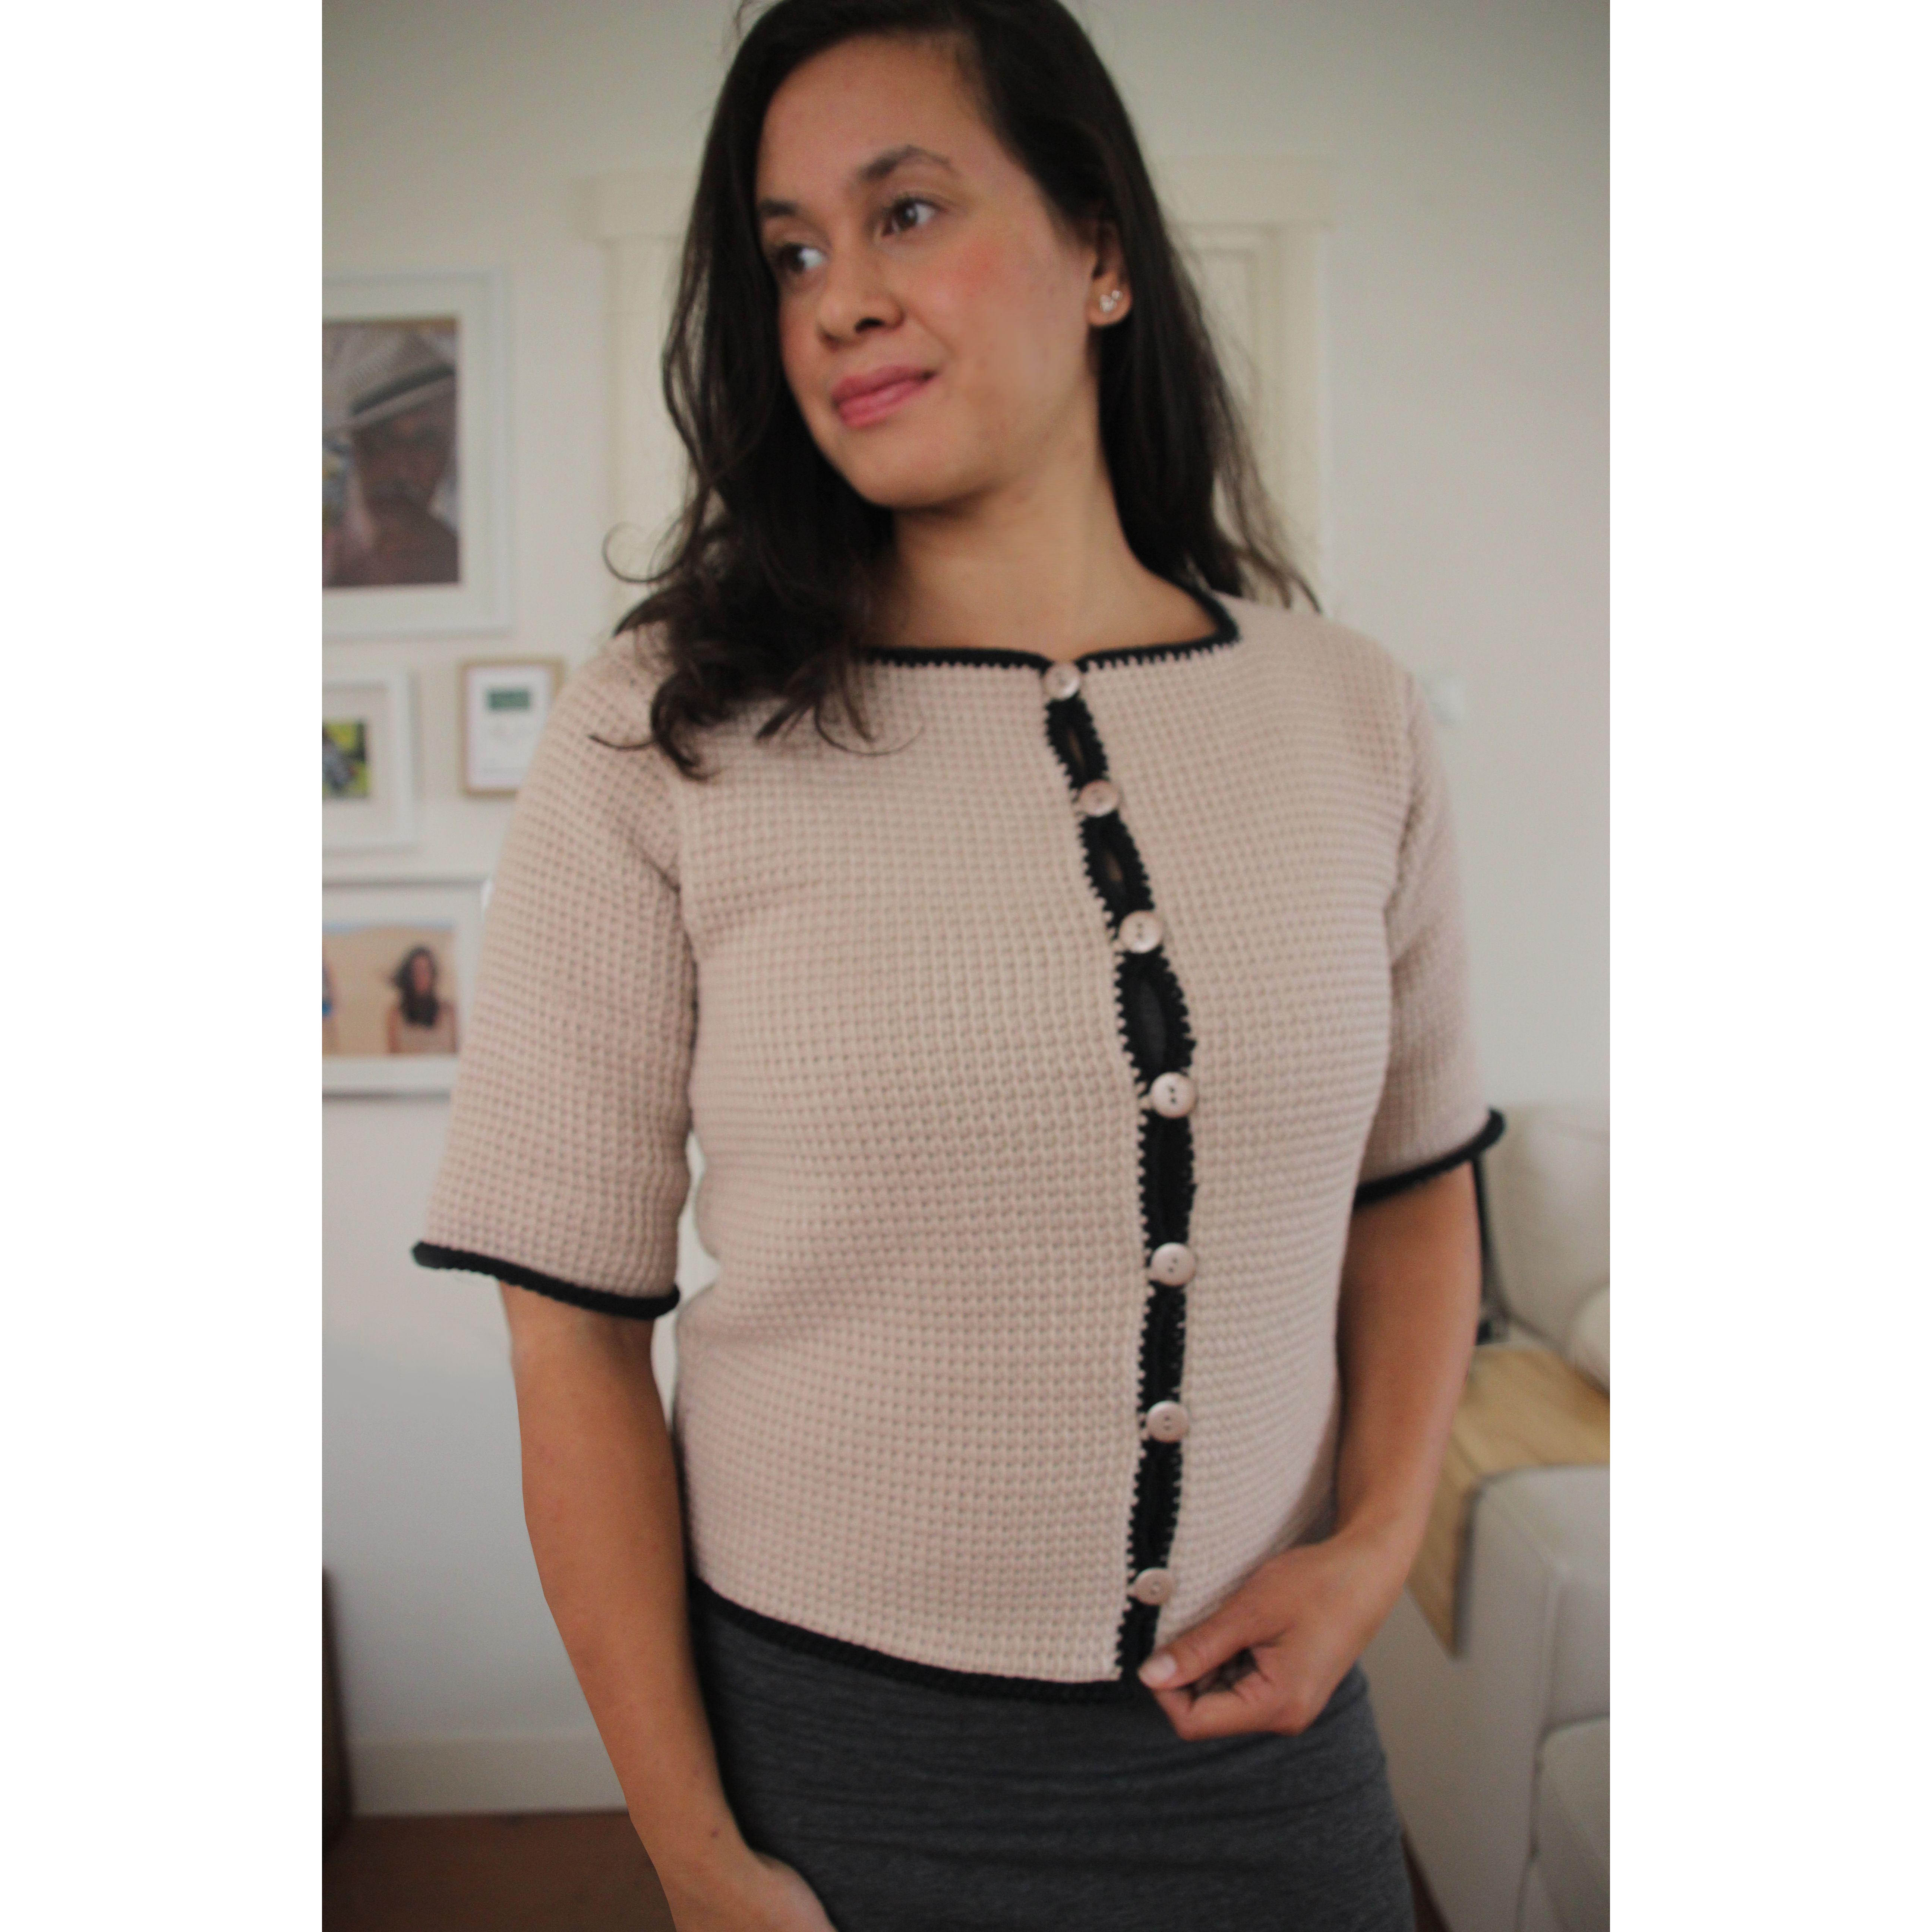 Populair Dames vestje haken - Tunisch haken patroon | Dames | HobbyGigant &GT37